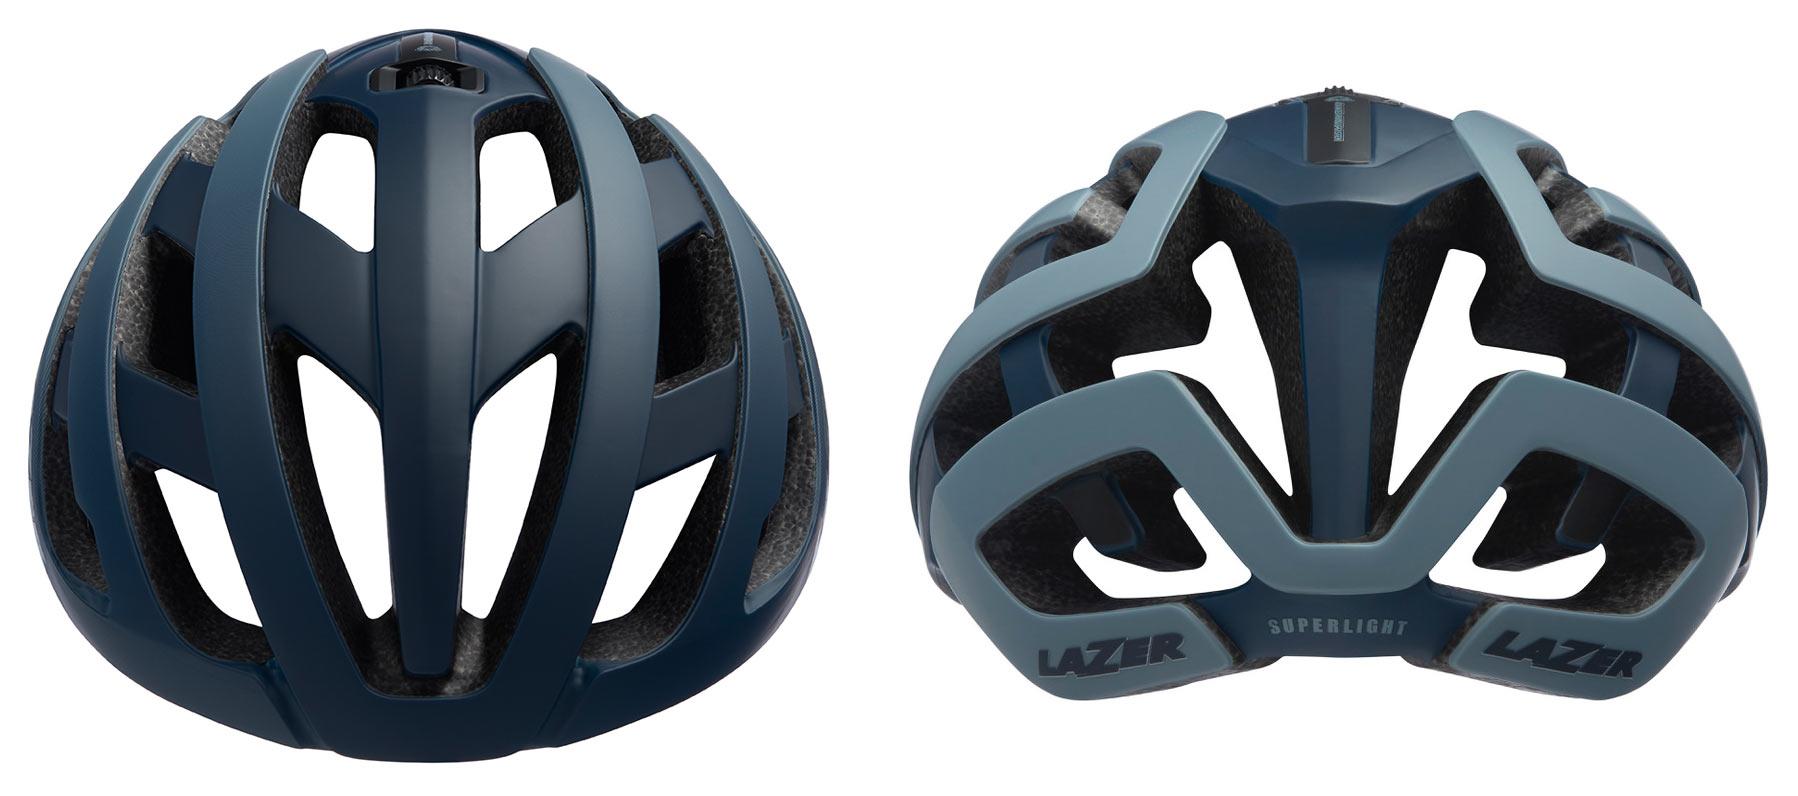 2020-lazer-genesis-lightweight-road-bike-helmet-under-200g-2.jpg